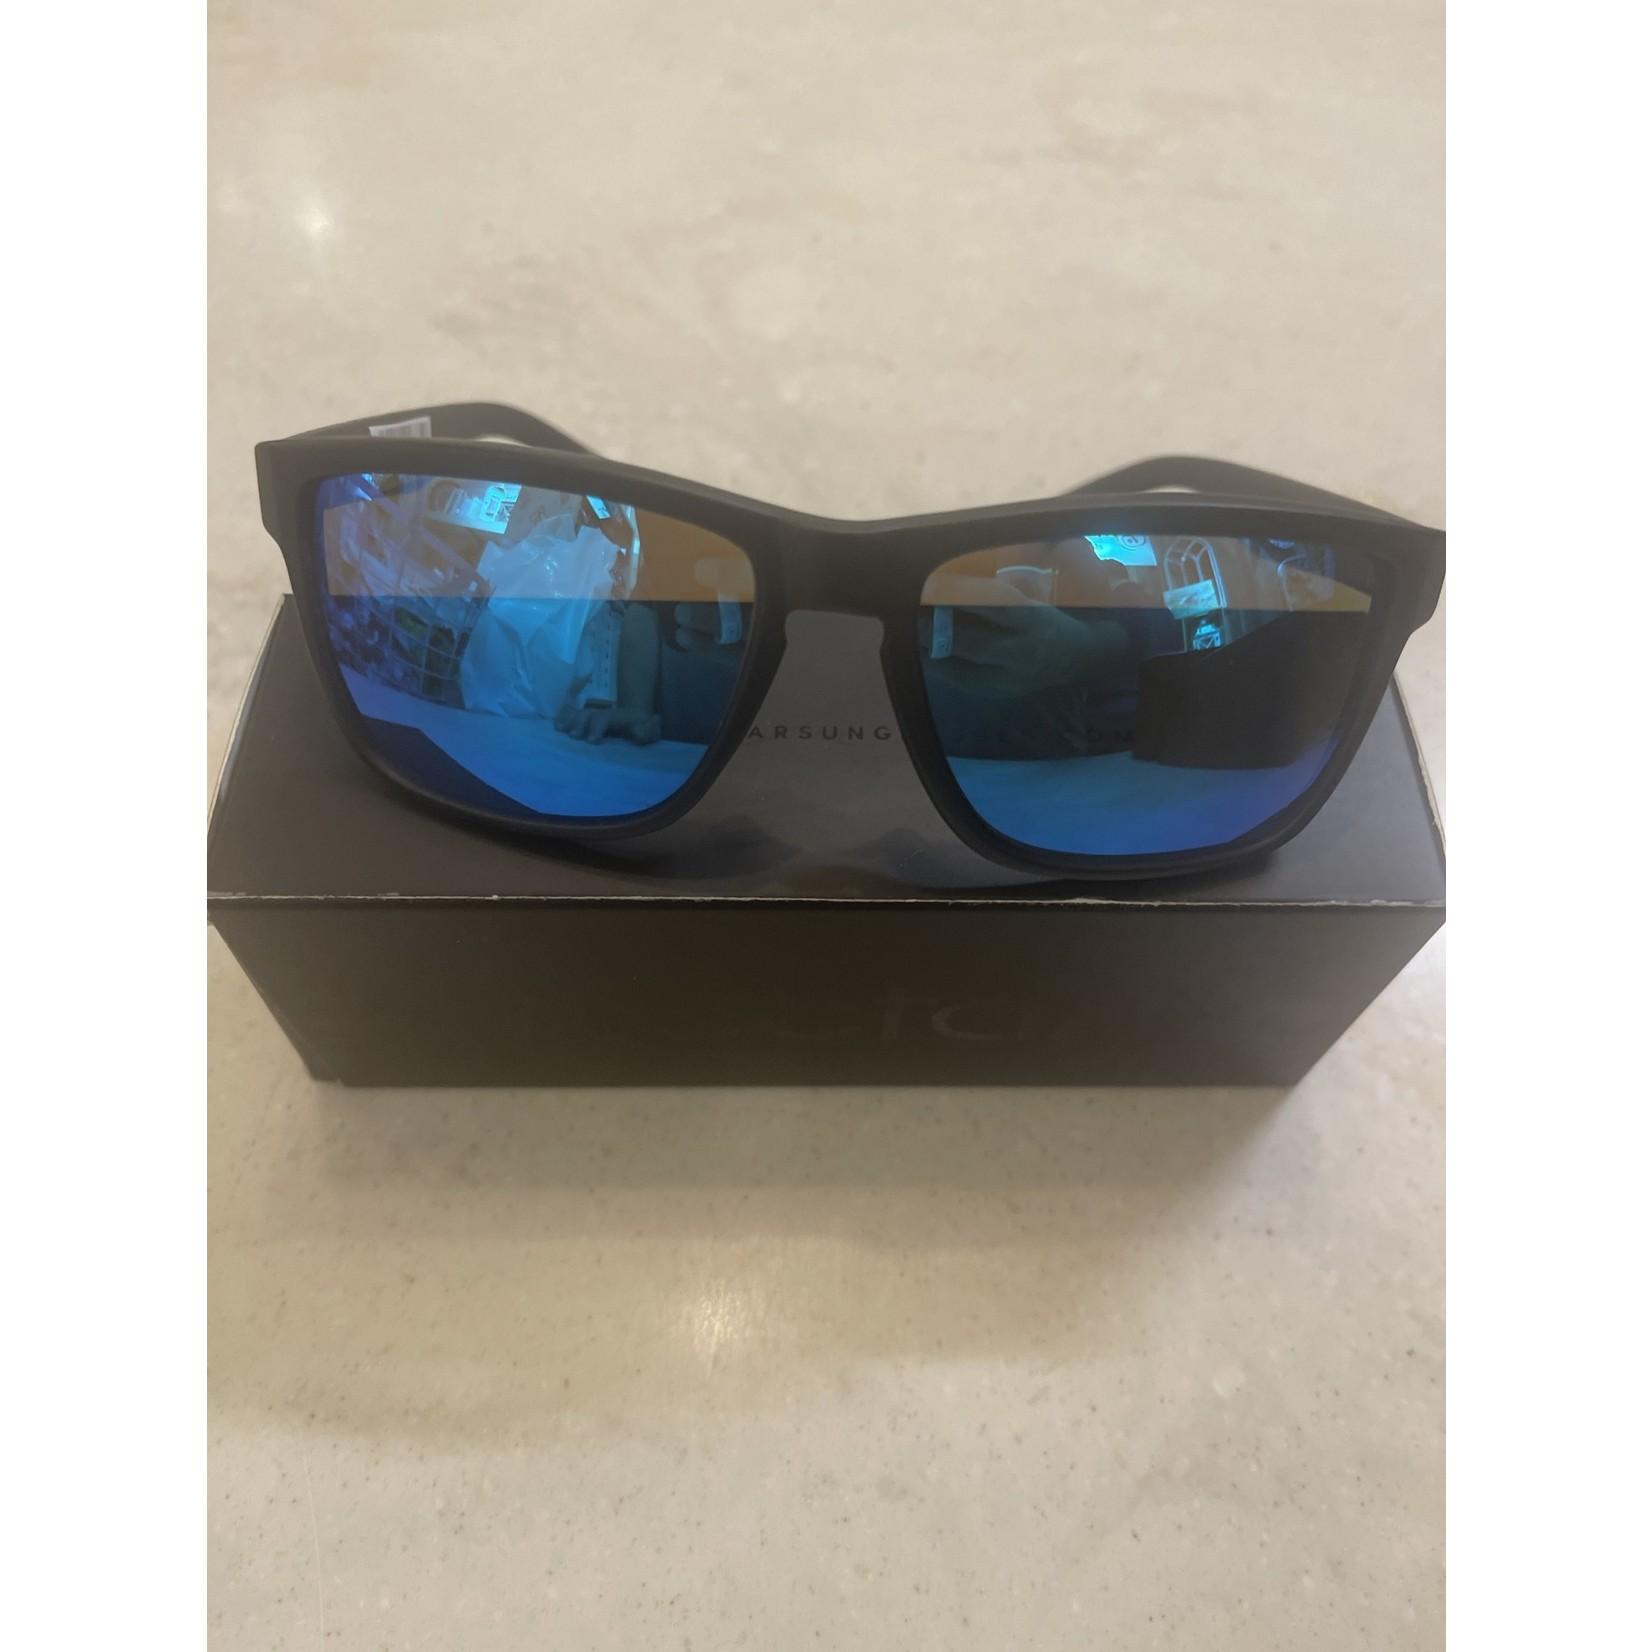 Nectar Nectar Shenandoah Black Frame Blue Lens